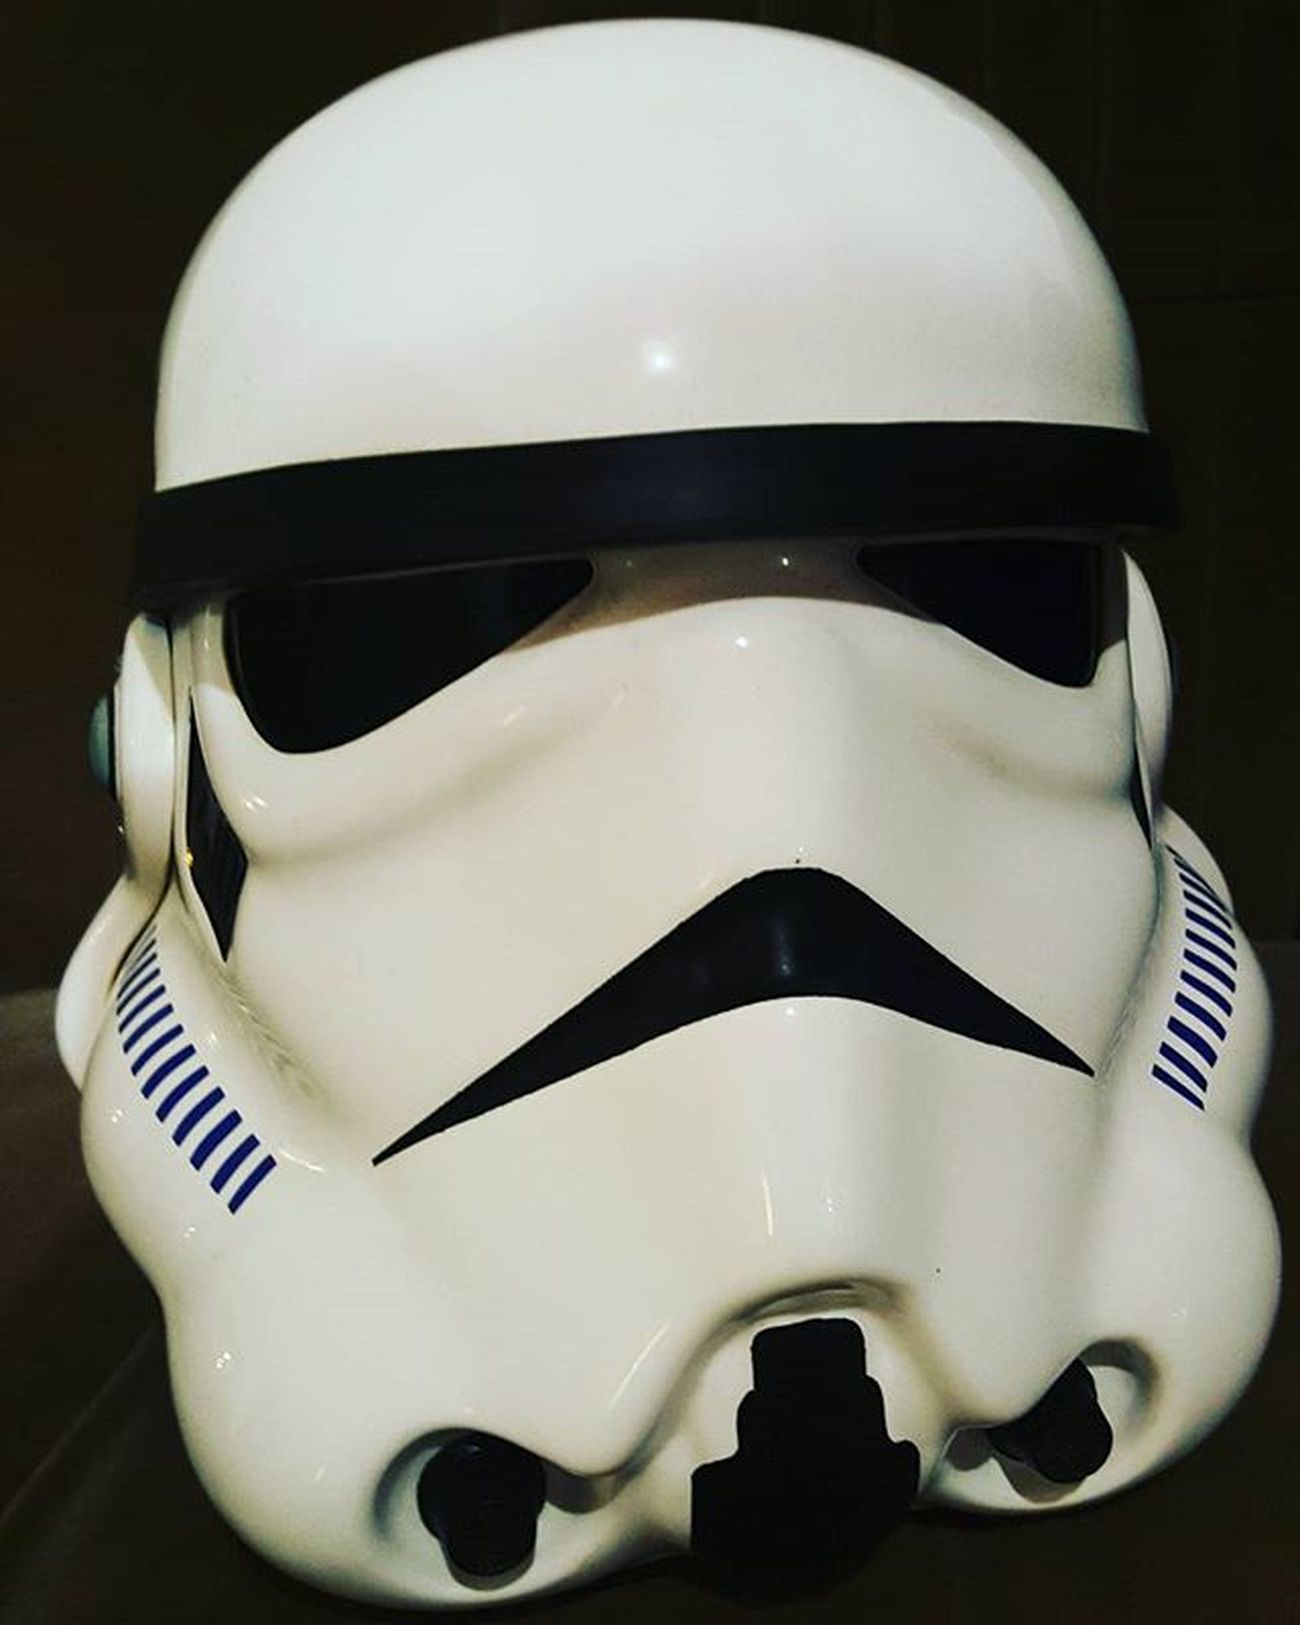 Hoy fotos.. Starwars Shooting Styling Lovemyjob Divineblog PlanetaKordhoba Trooper Helmet MayTheForceBeWithyou bewithyou TheForceAwakens Stormtrooper Like4like